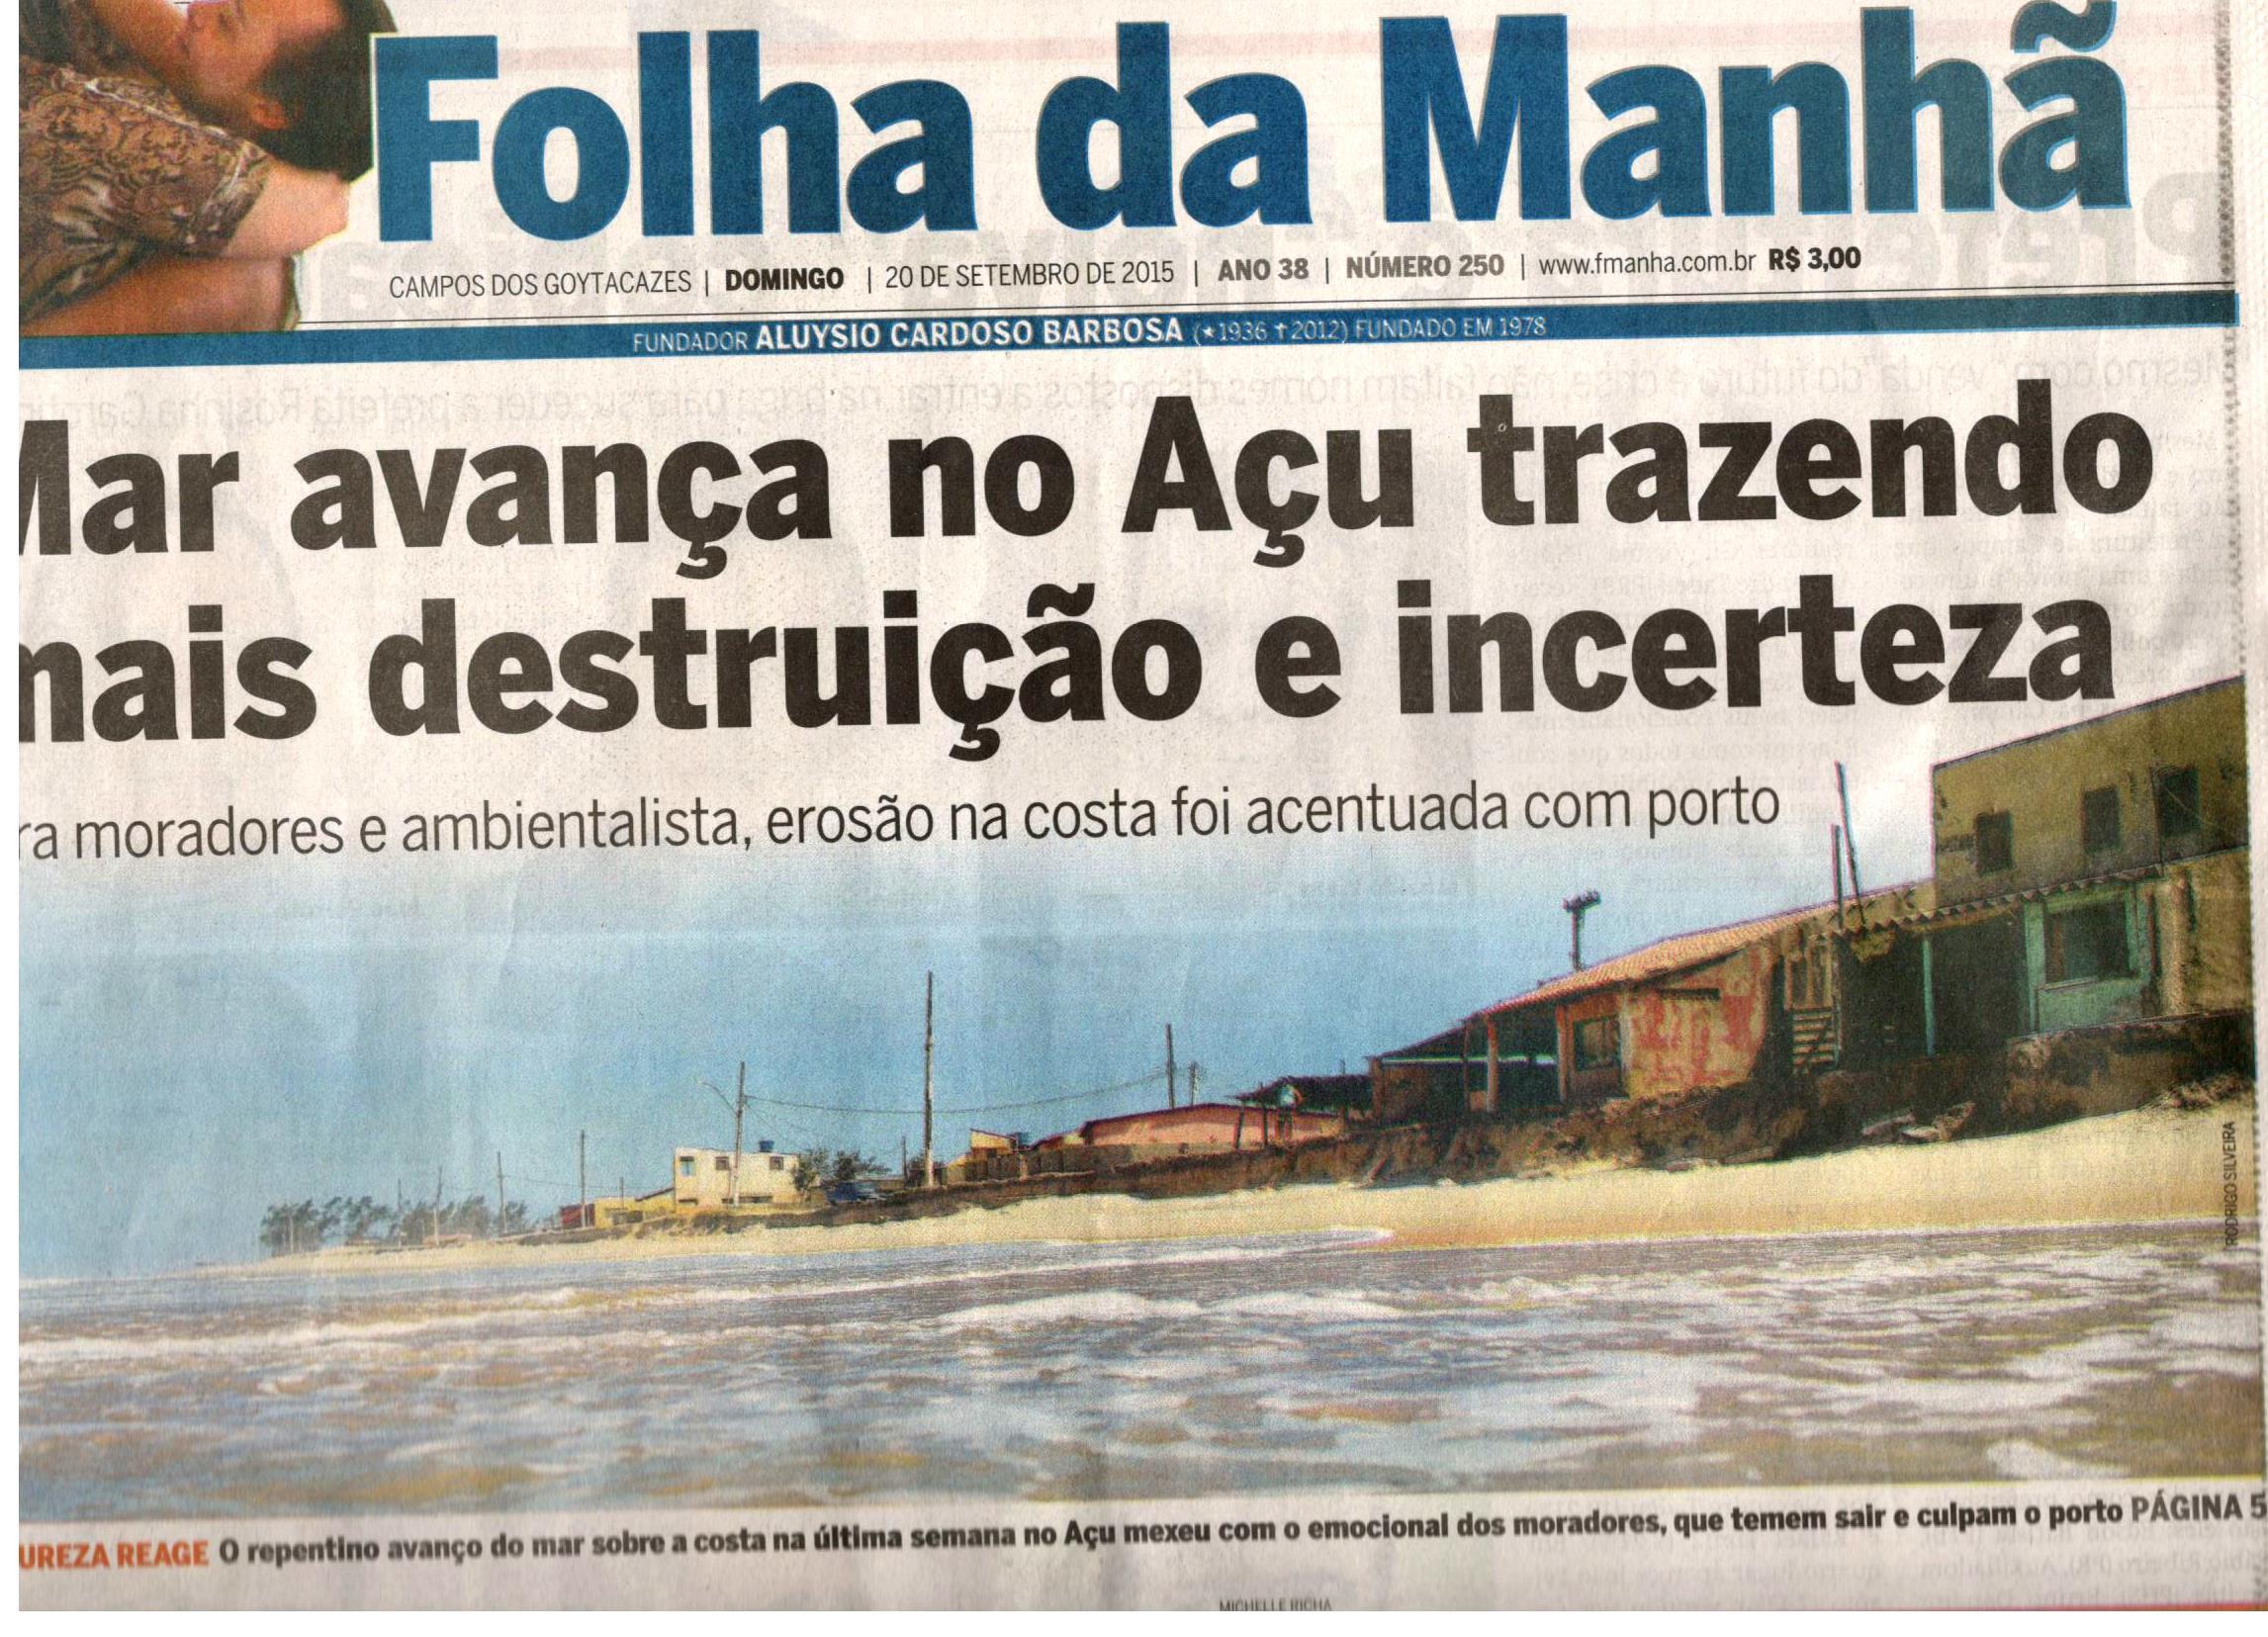 Erosão na Praia do Açu  Folha da Manhã produz matéria de página inteira,  mas Prumo continua a negar o óbvio 0e644f0323